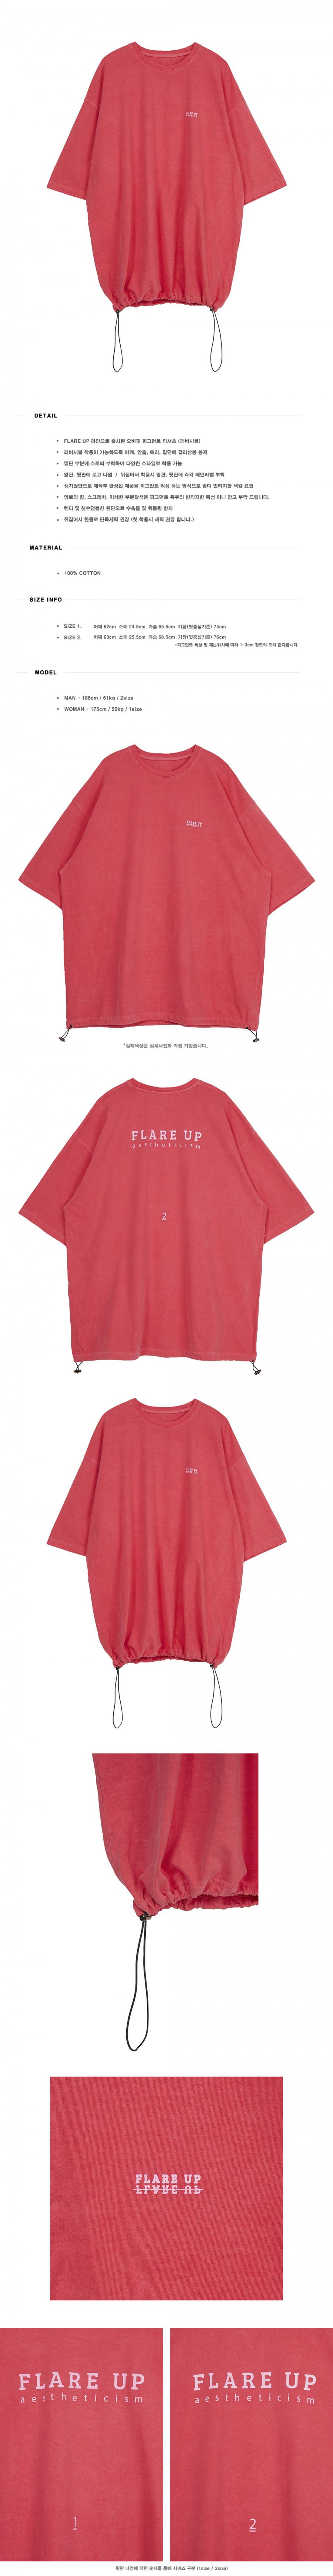 플레어업(FLAREUP) 리버시블 피그먼트 스트링 오버핏 티셔츠 - 핫핑크 (FU-141)